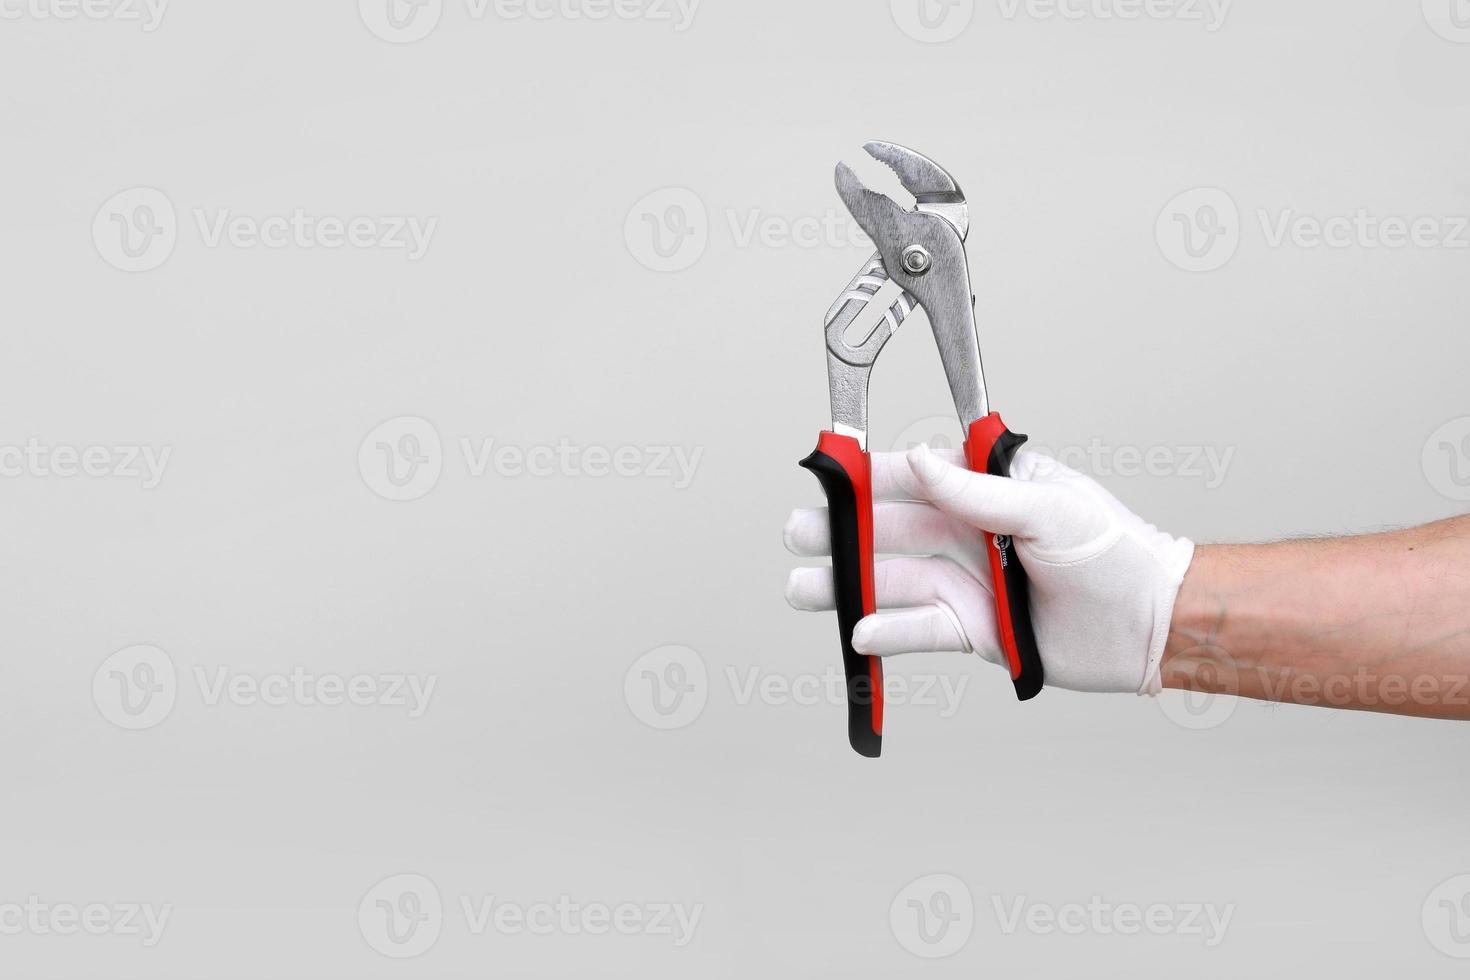 mans hand i vit handske upp med en svart och röd verktygstång, trådskärare. isolerad på vit bakgrund. öppen, ren, klar att skära form. håna kopieringsutrymme foto